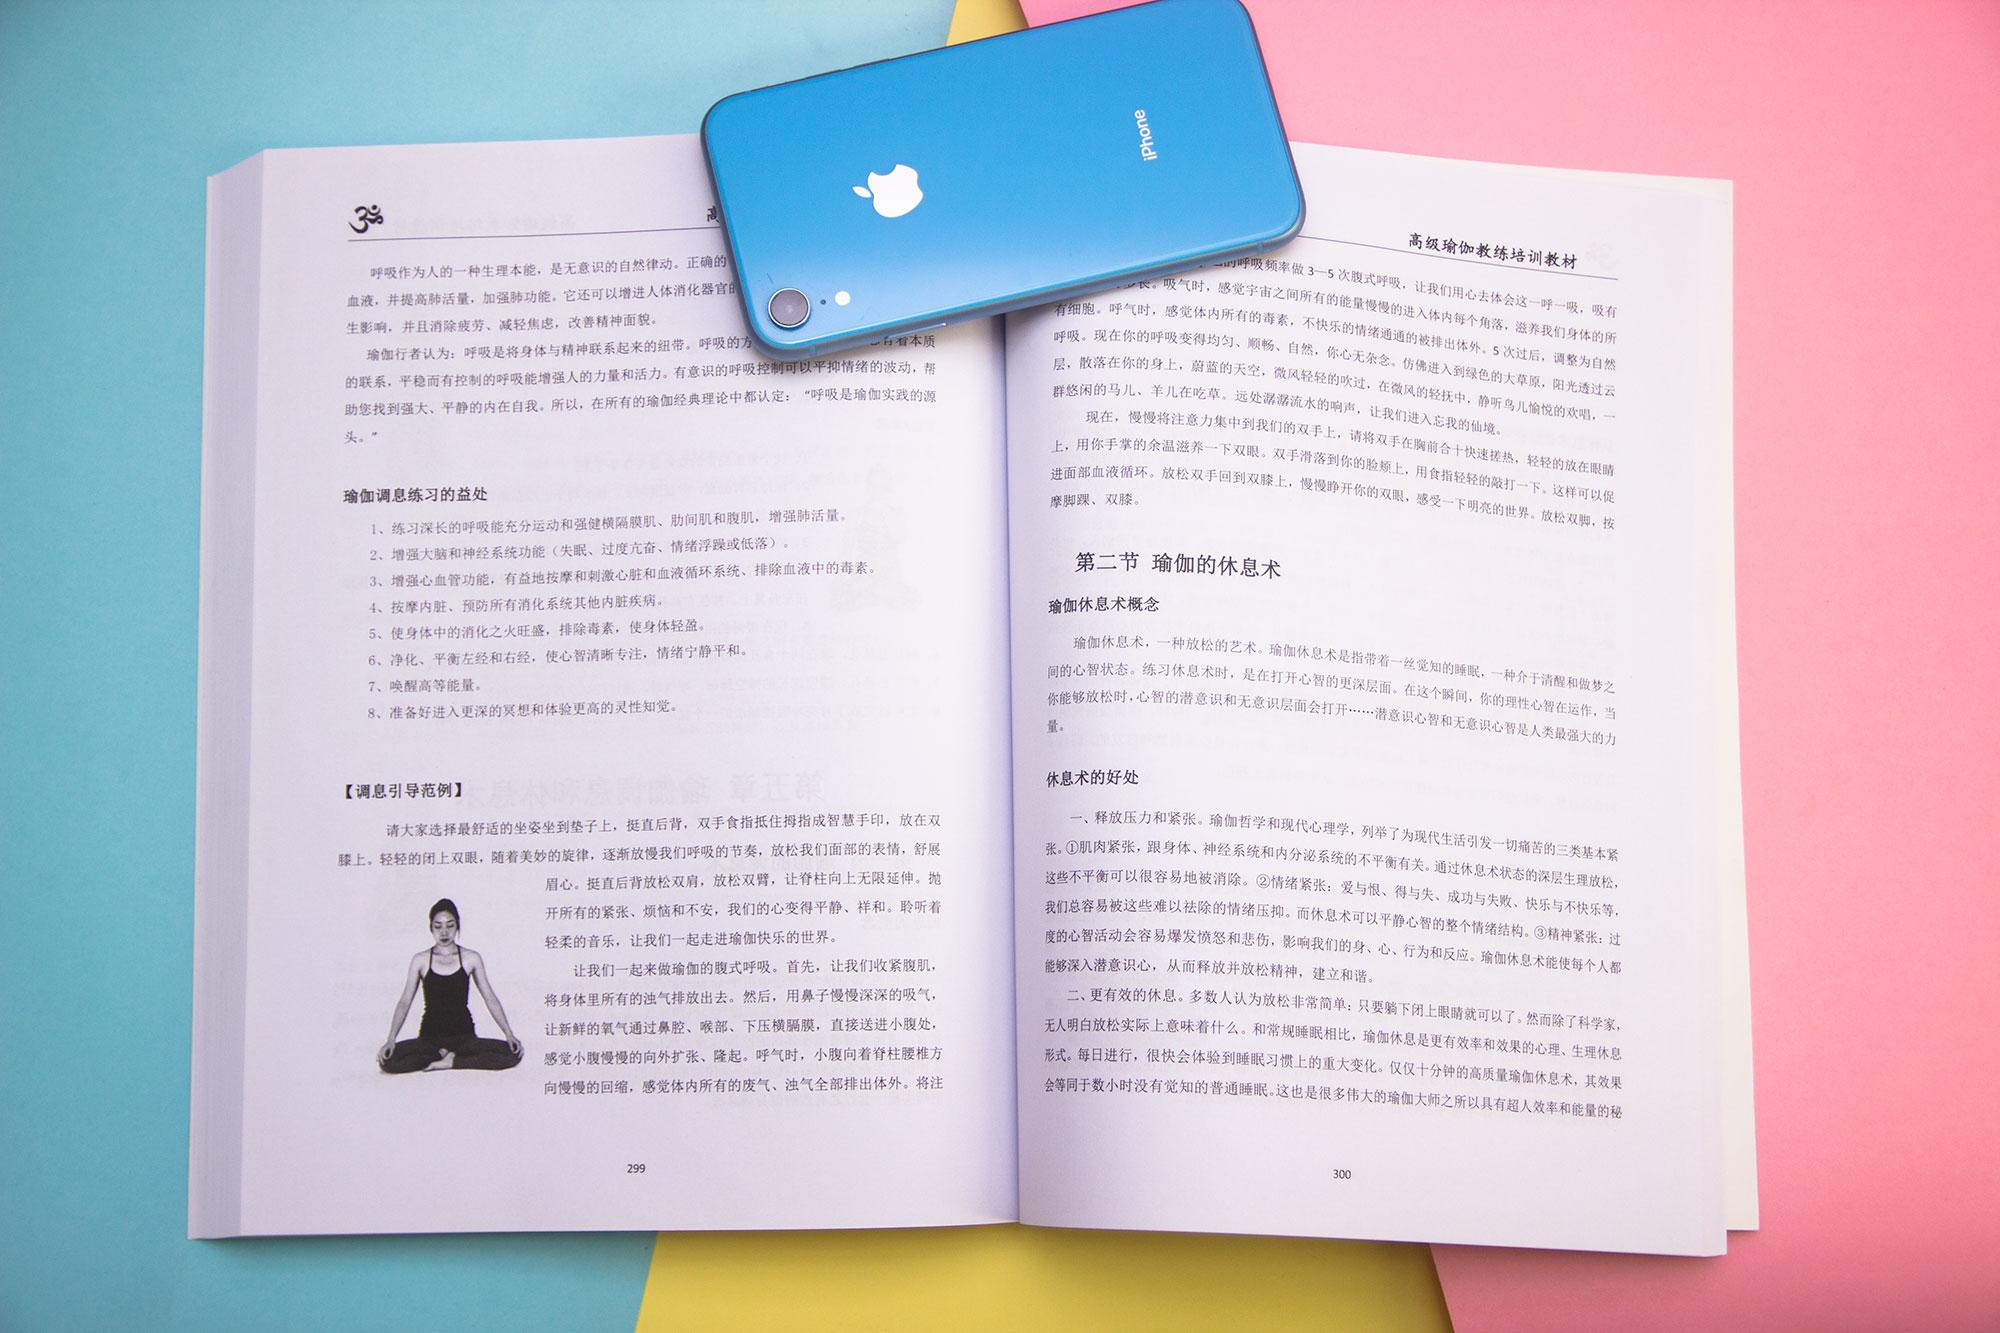 瑜伽休息练习的益处、休息术引导词范例